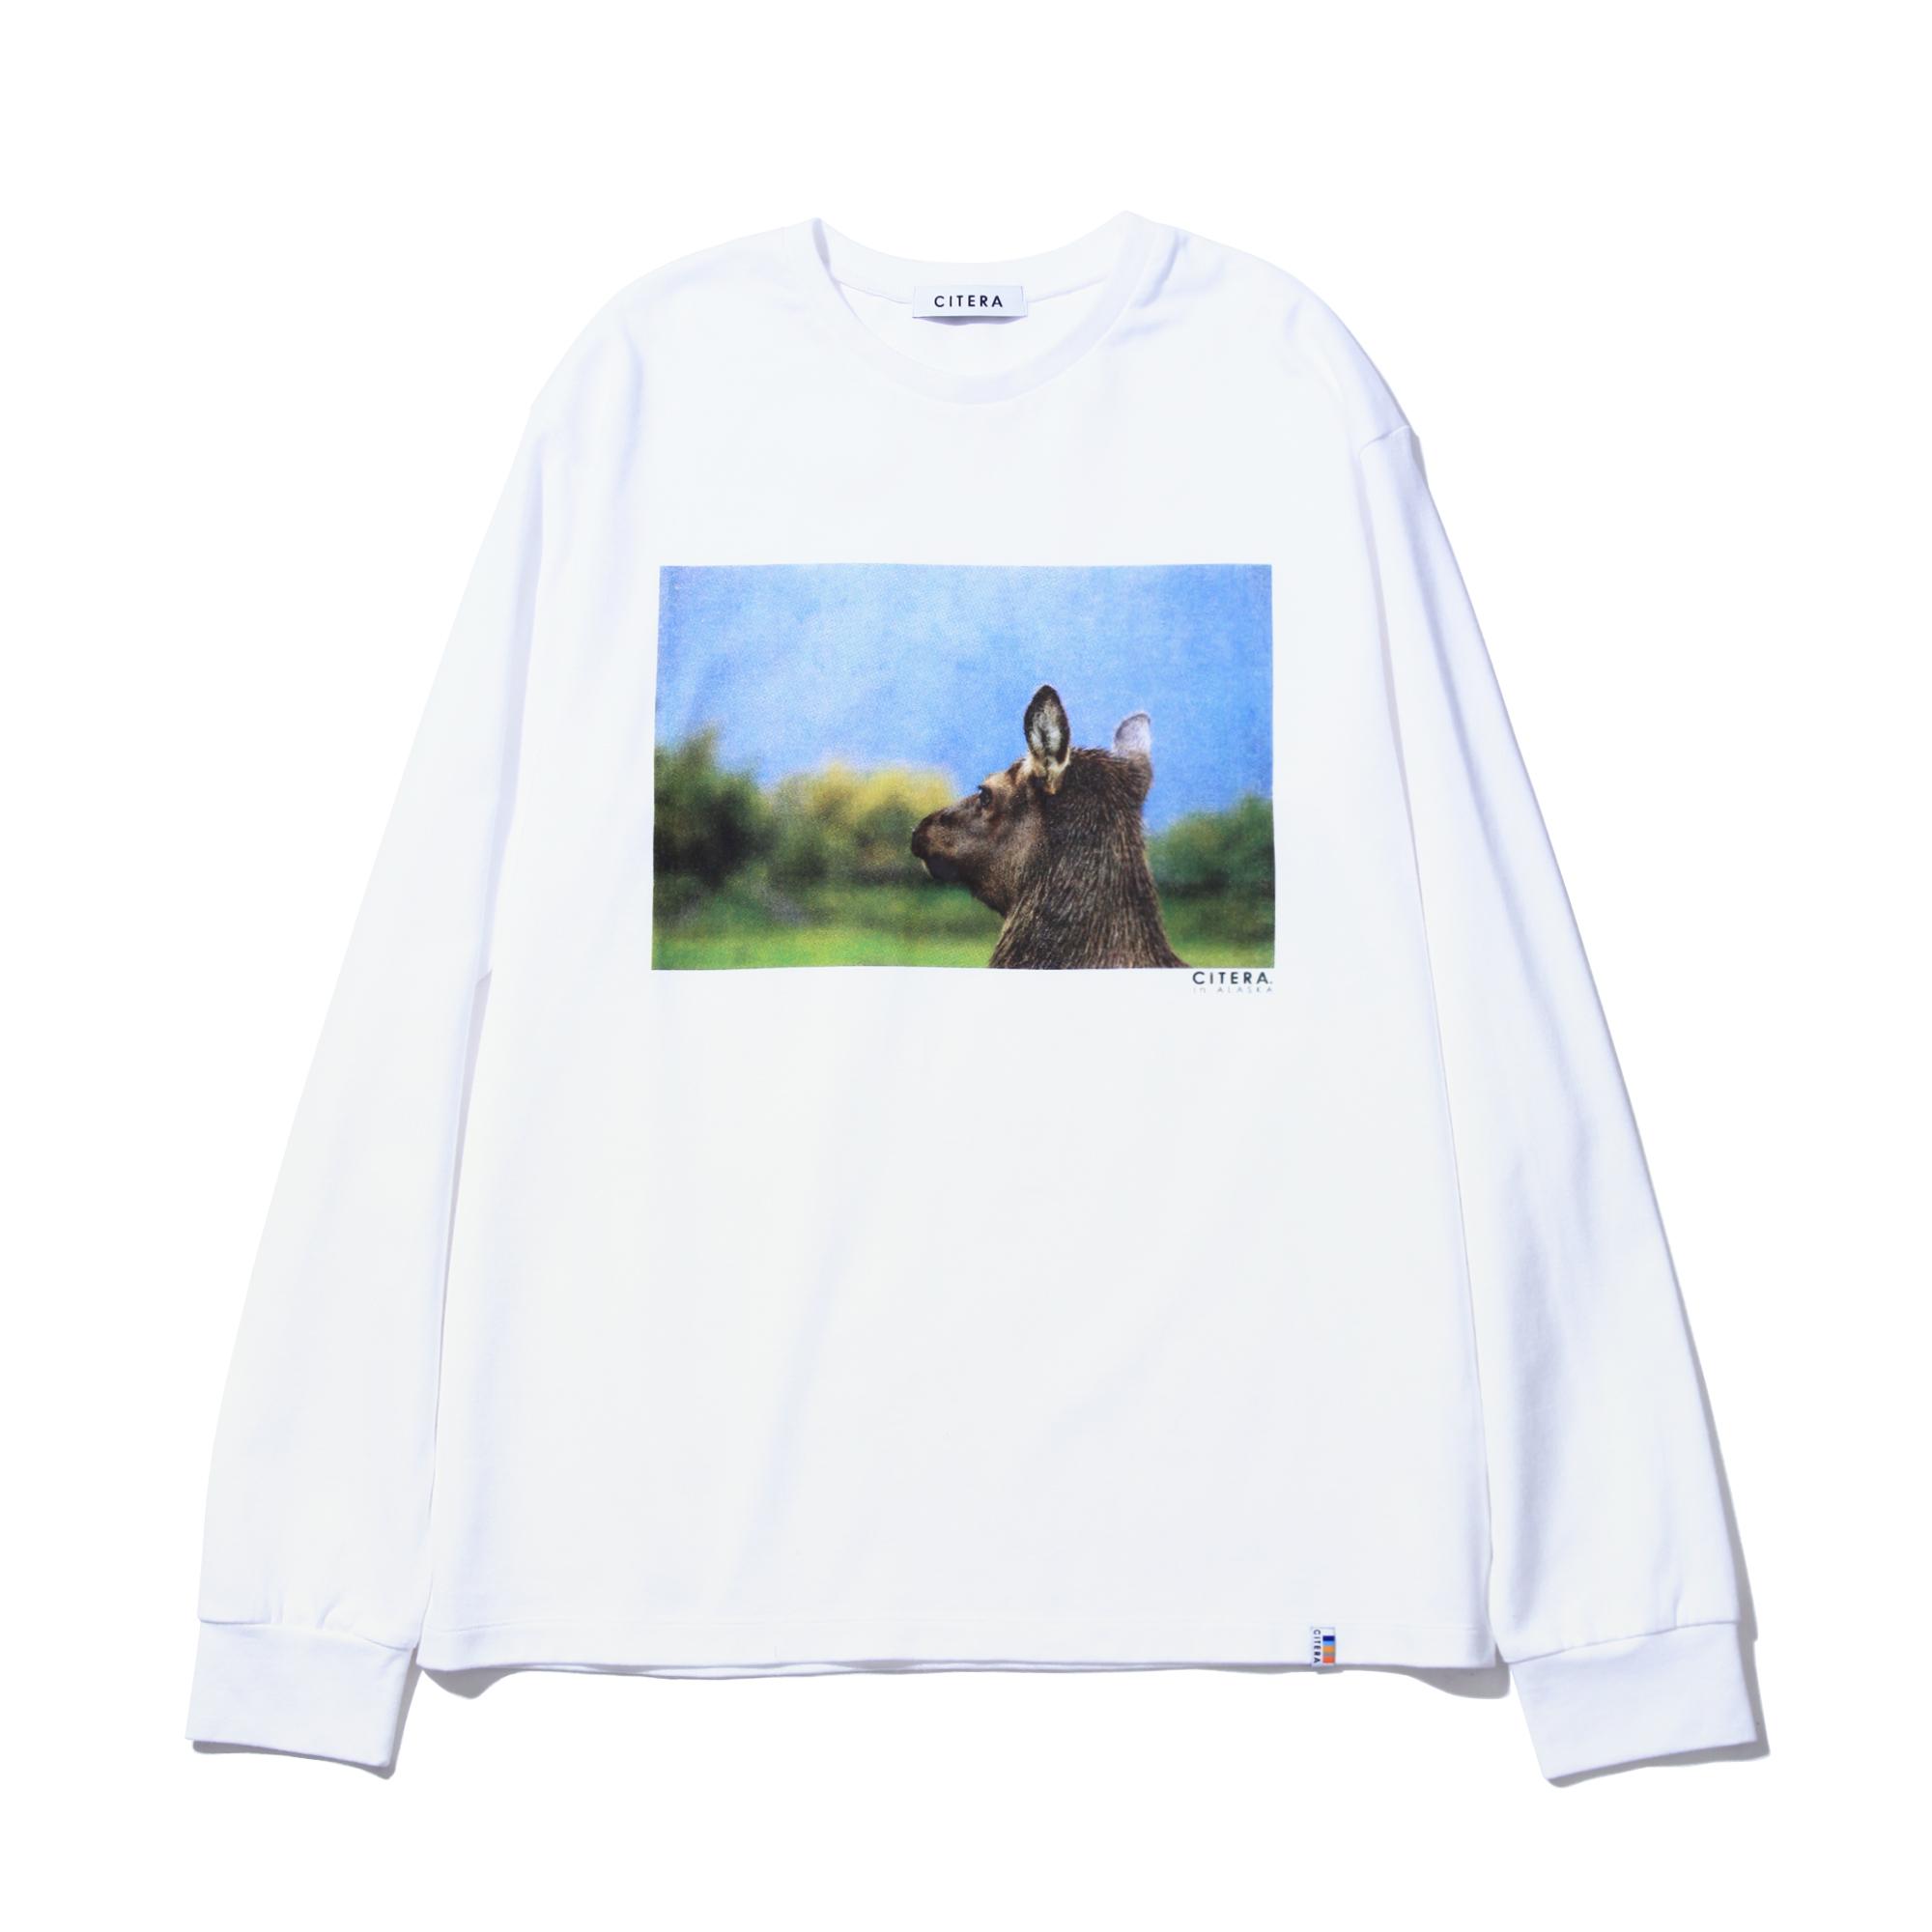 04_Tshirts_PH_ELK